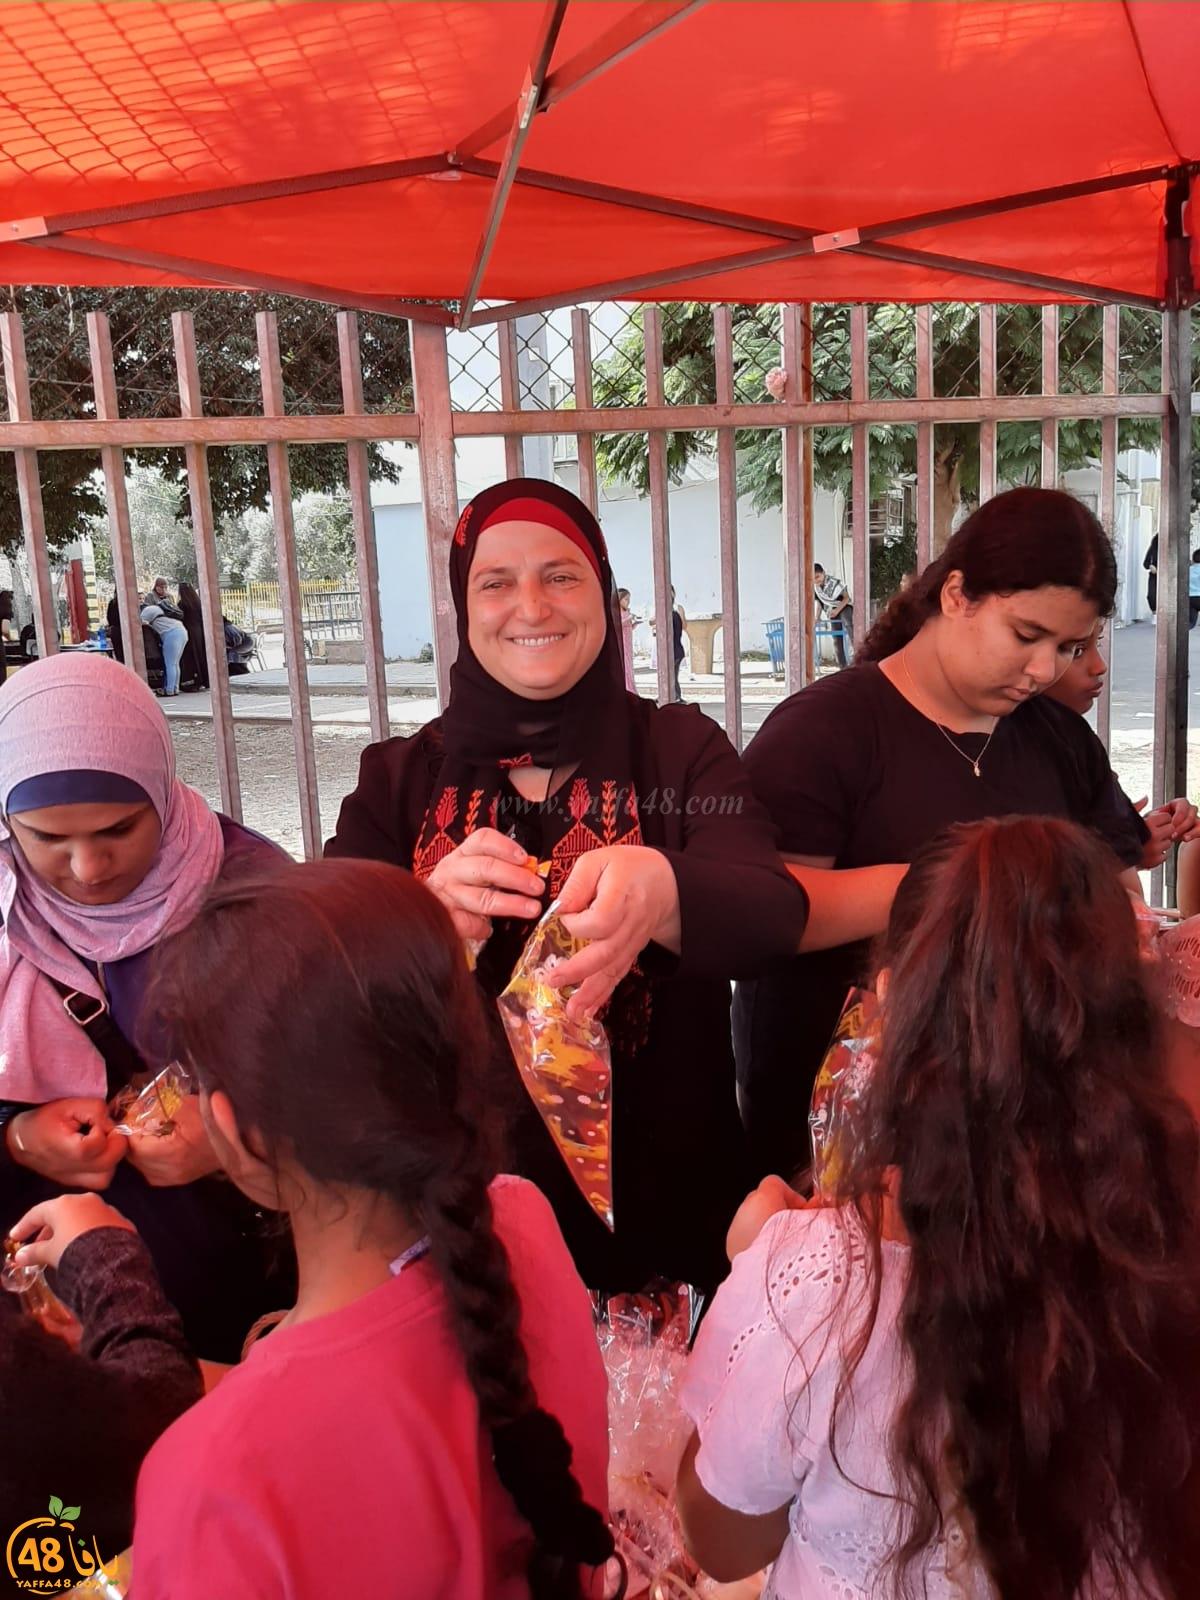 بالصور: مدرسة الأمل بالرملة تُنظم فعاليات الزيتون والتراث الشعبي